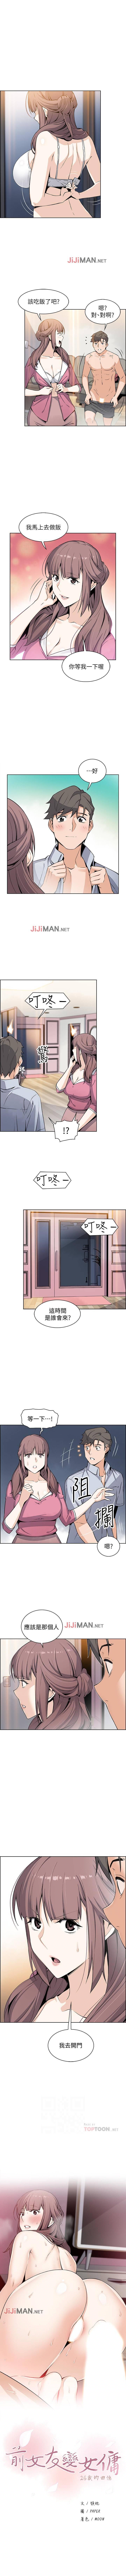 【周四连载】前女友变女佣(作者:PAPER&頸枕) 第1~33话 187